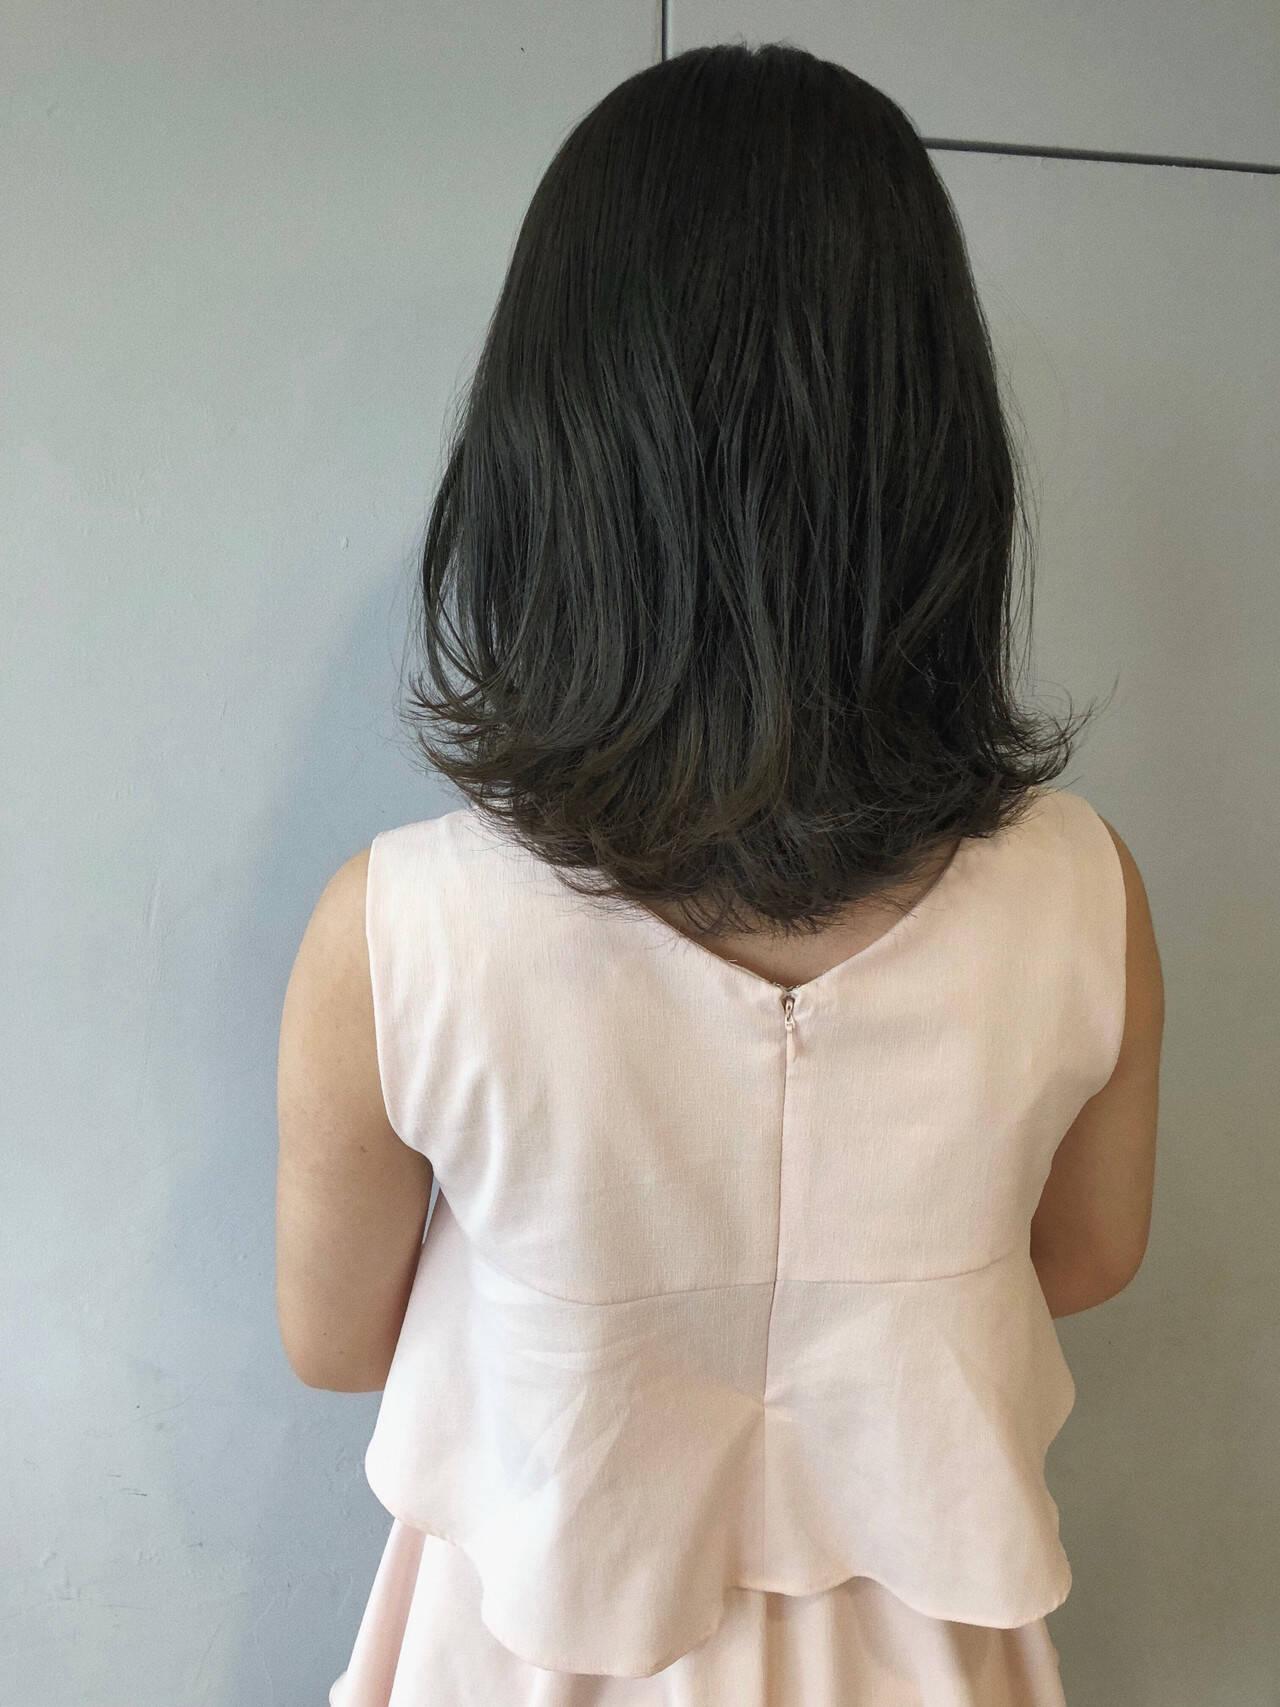 ブルーアッシュ ミディアム デート 暗髪ヘアスタイルや髪型の写真・画像